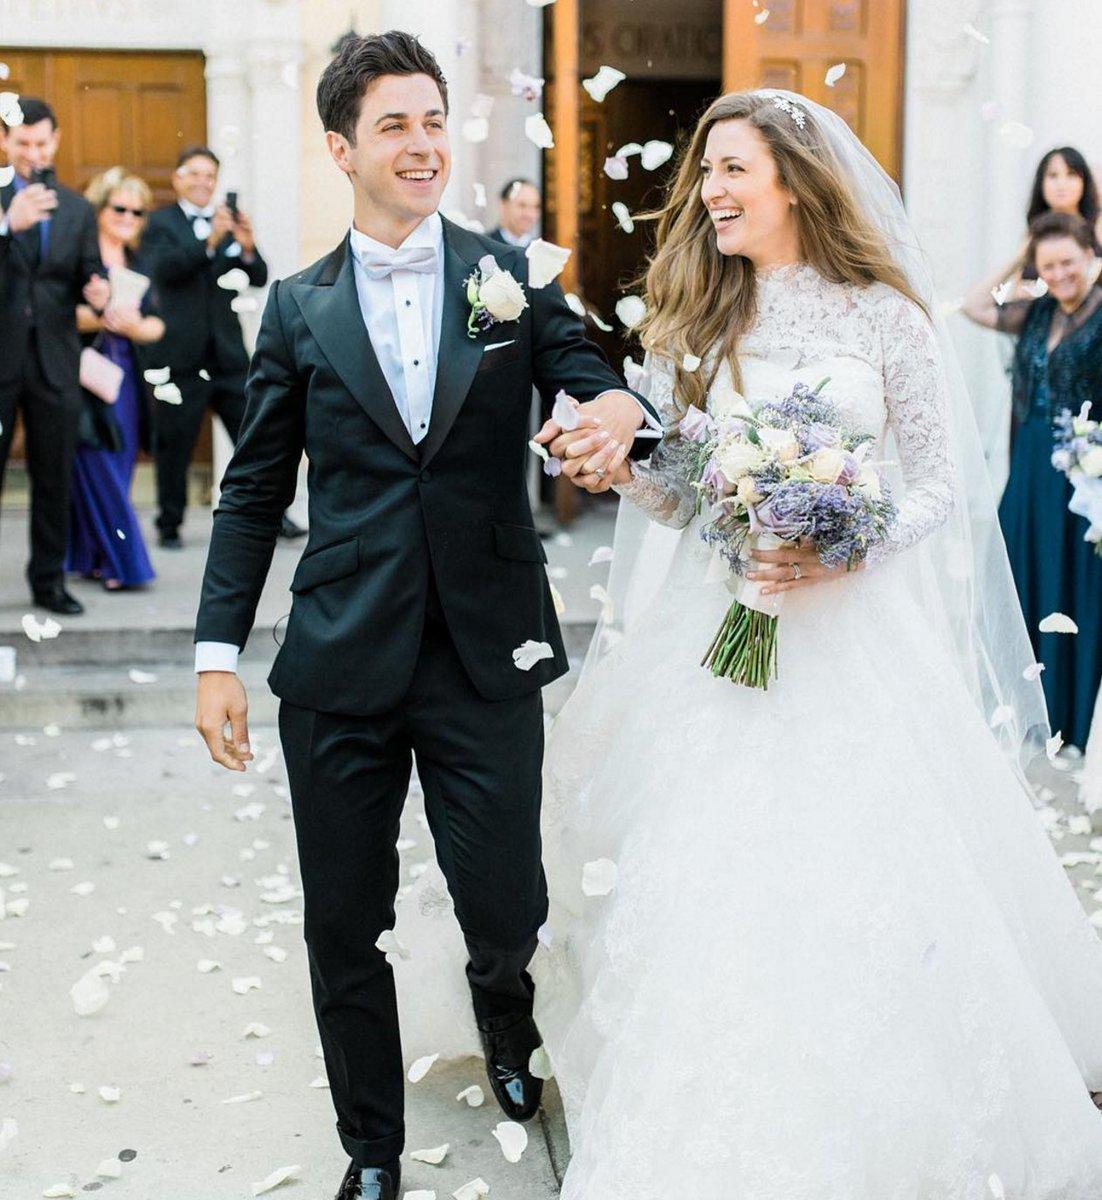 A little peek inside @DavidHenrie's magical wedding ❤️